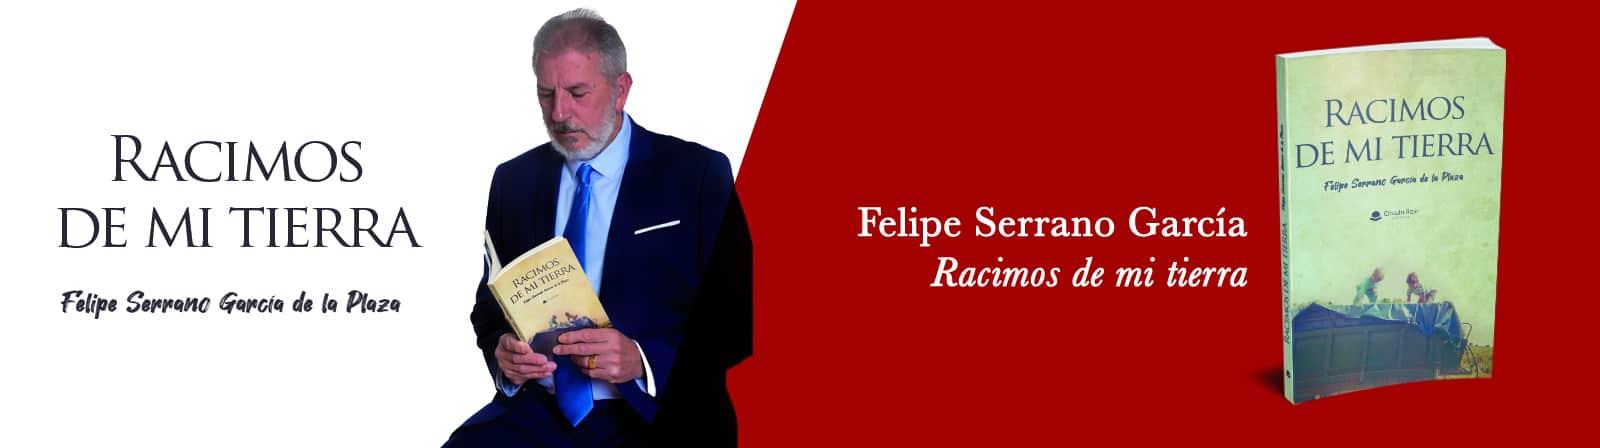 _Felipe Serrano García – Racimos de mi tierra